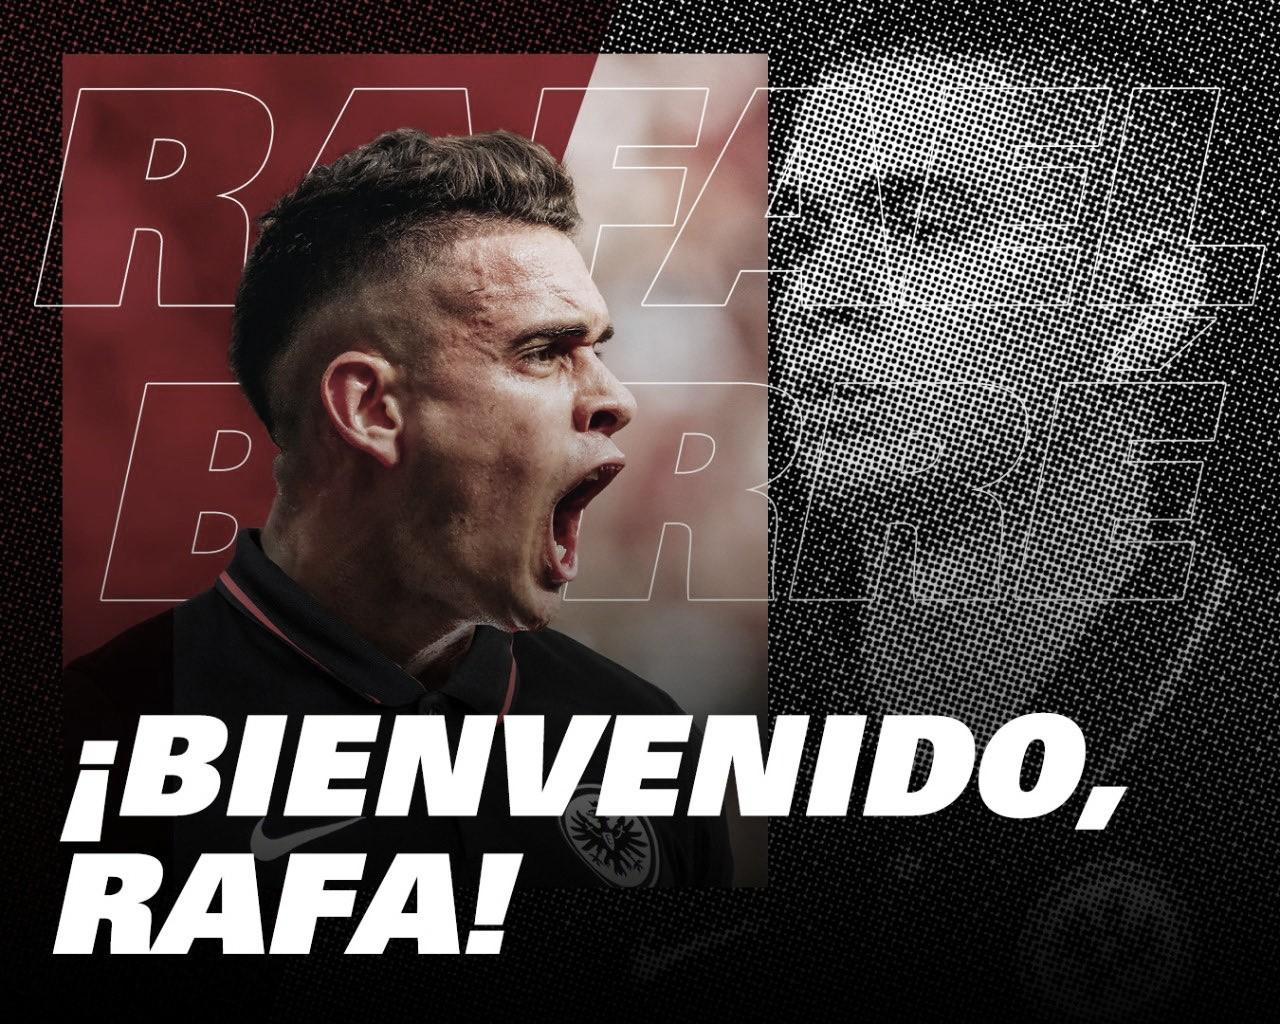 Santos Borré, flamante refuerzo del Eintracht Frankfurt